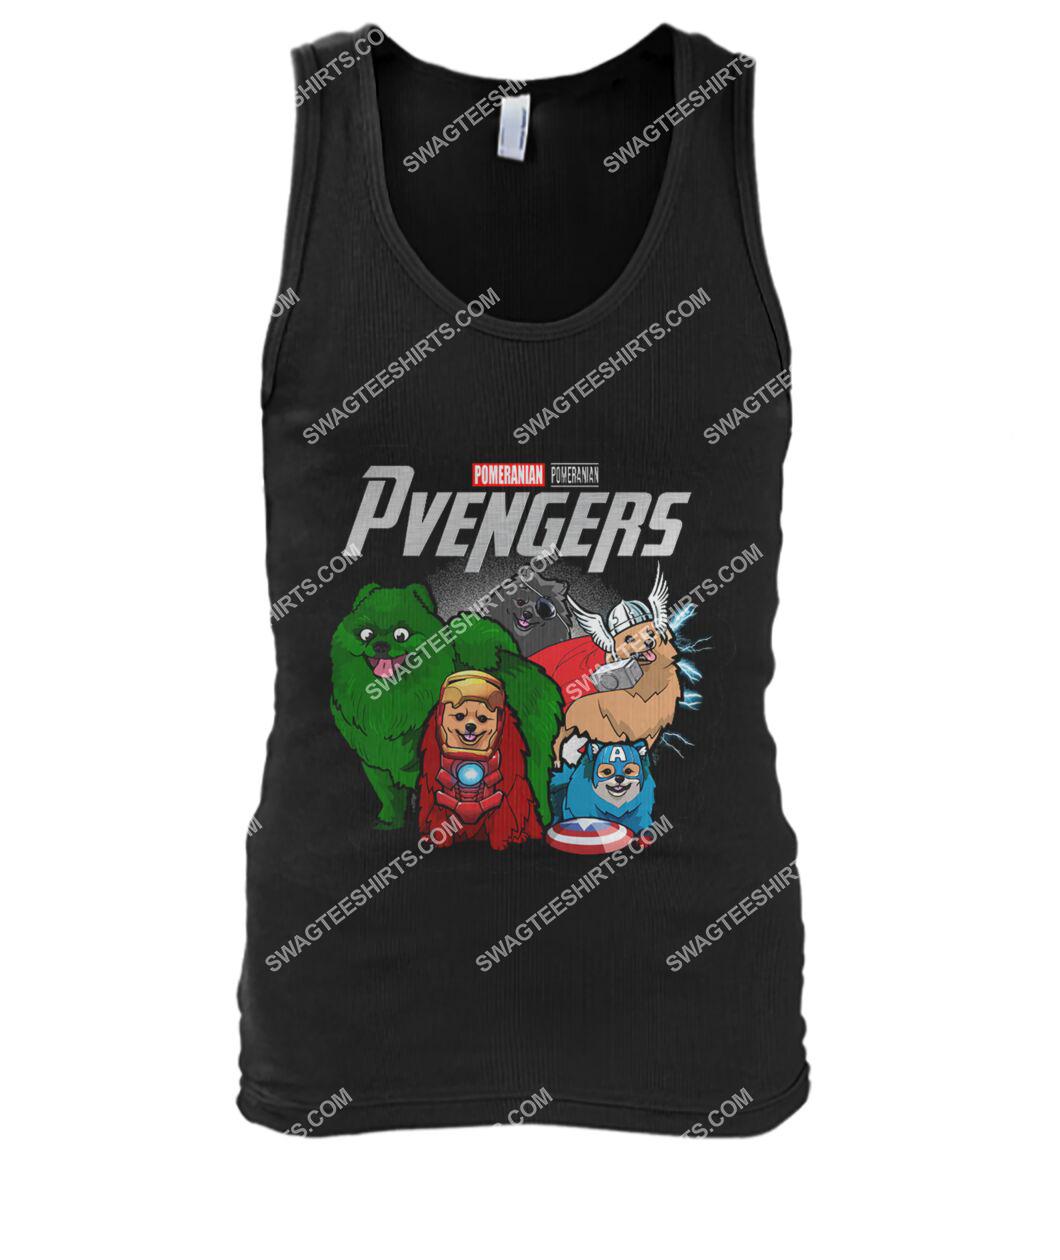 pomeranian pvengers marvel avengers dogs lover tank top 1